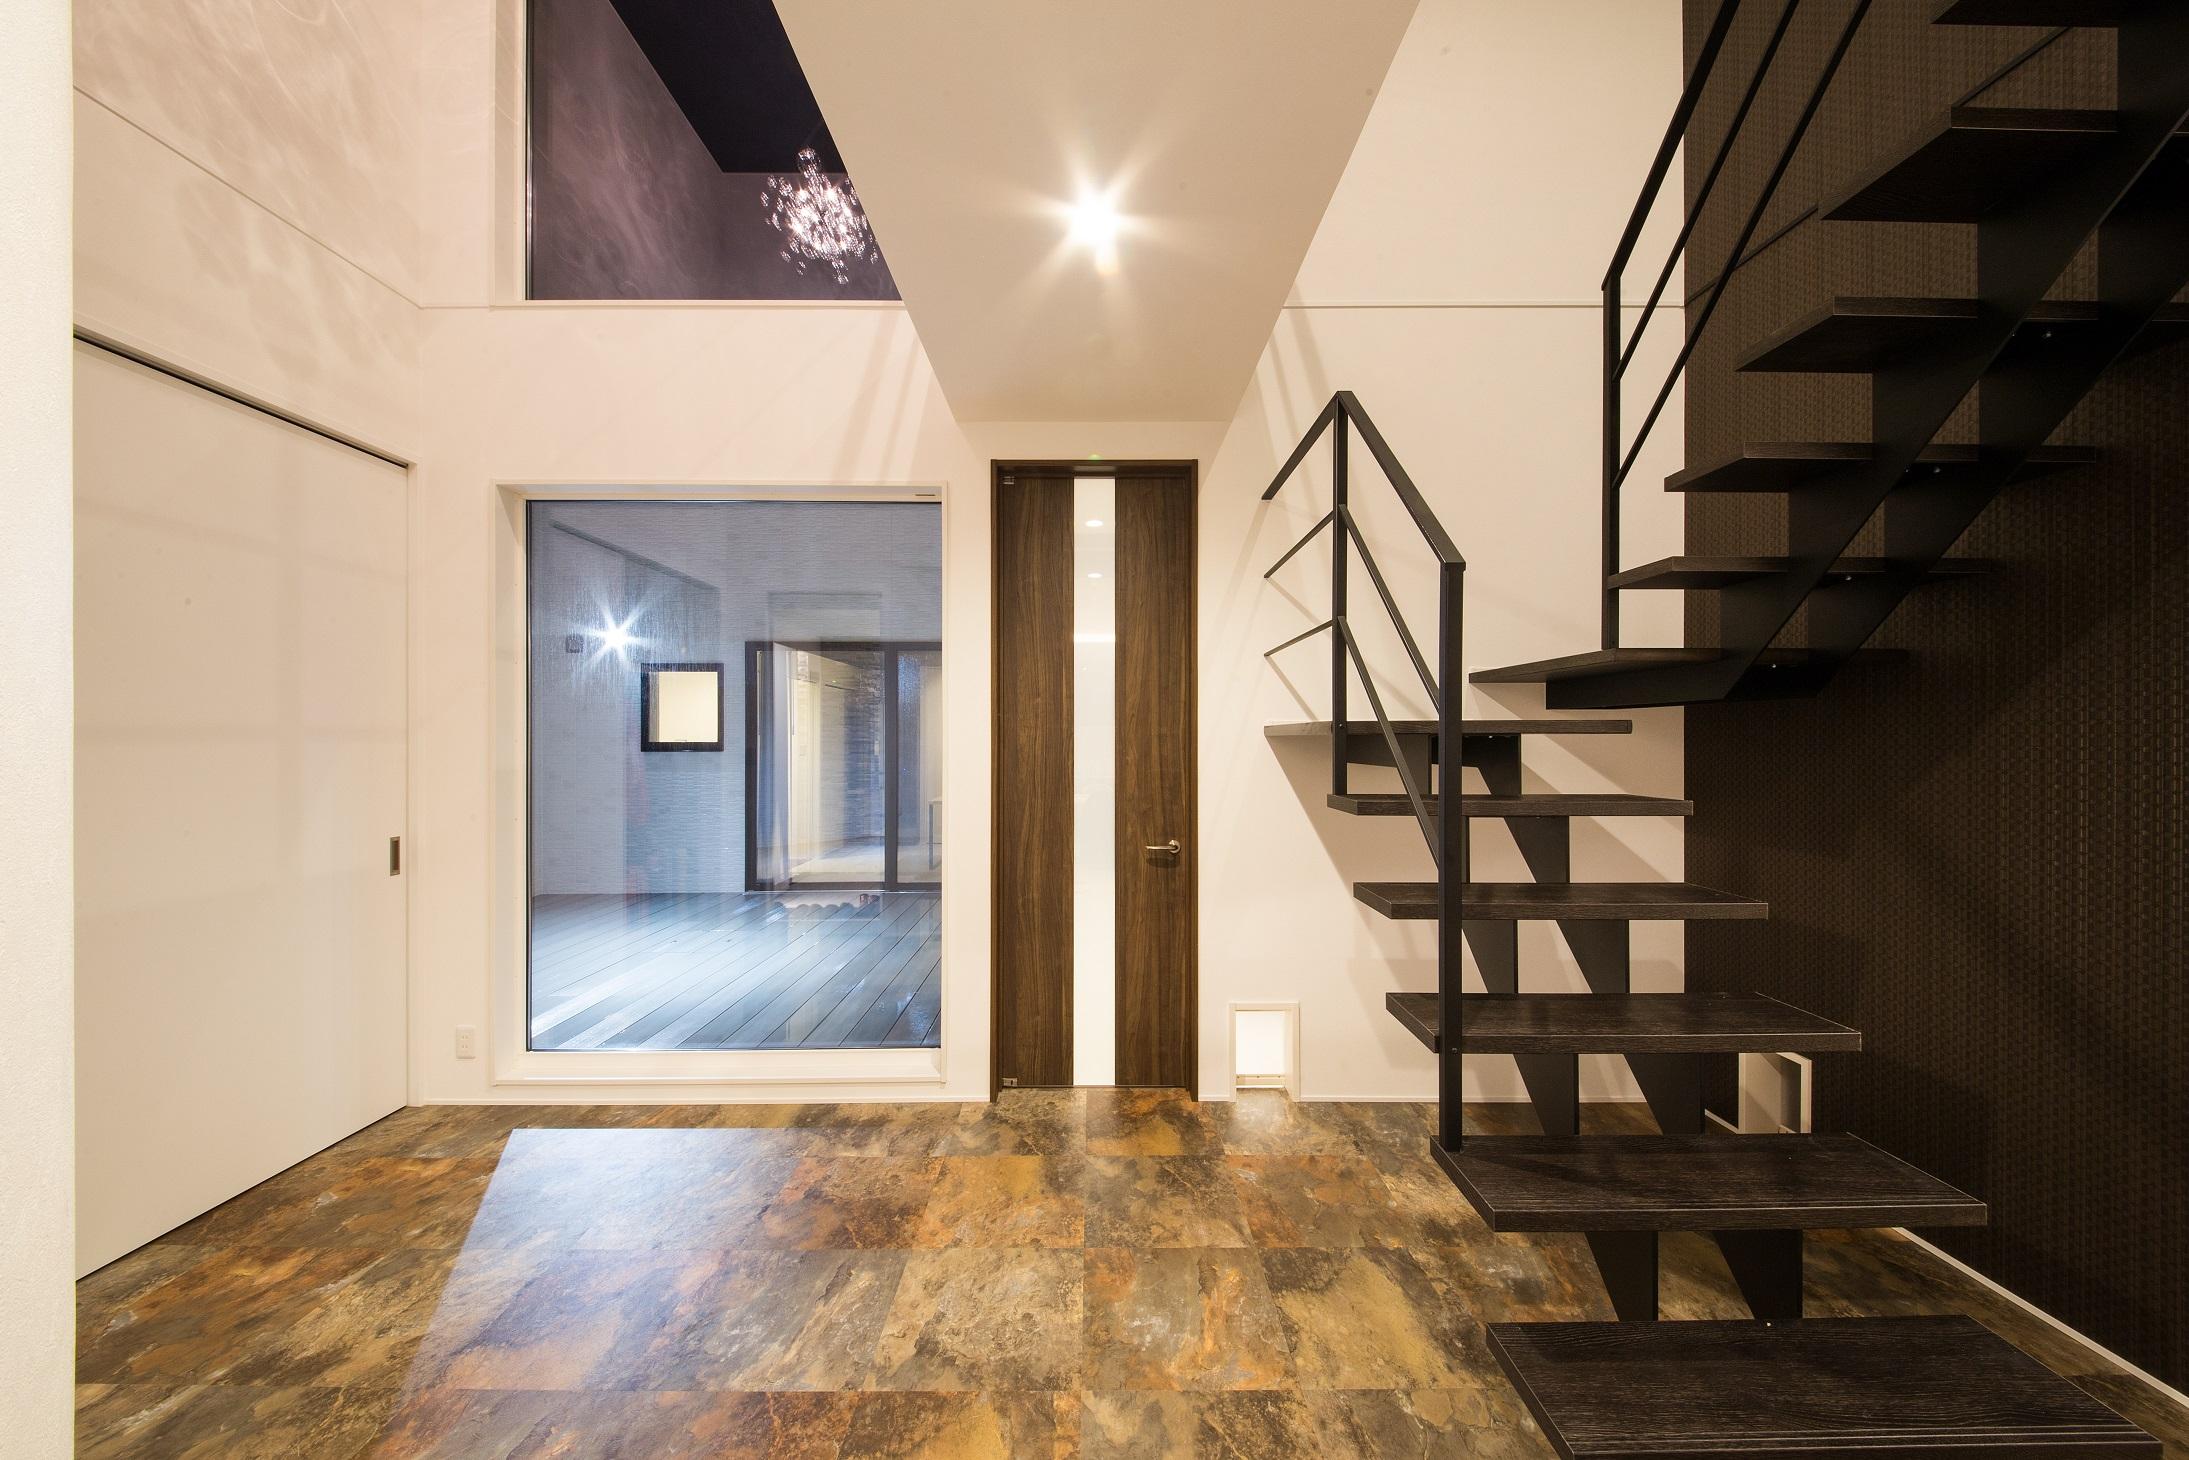 will建築工房【デザイン住宅、ペット、ガレージ】ストリップ階段が意匠性を際立たせる玄関ホール